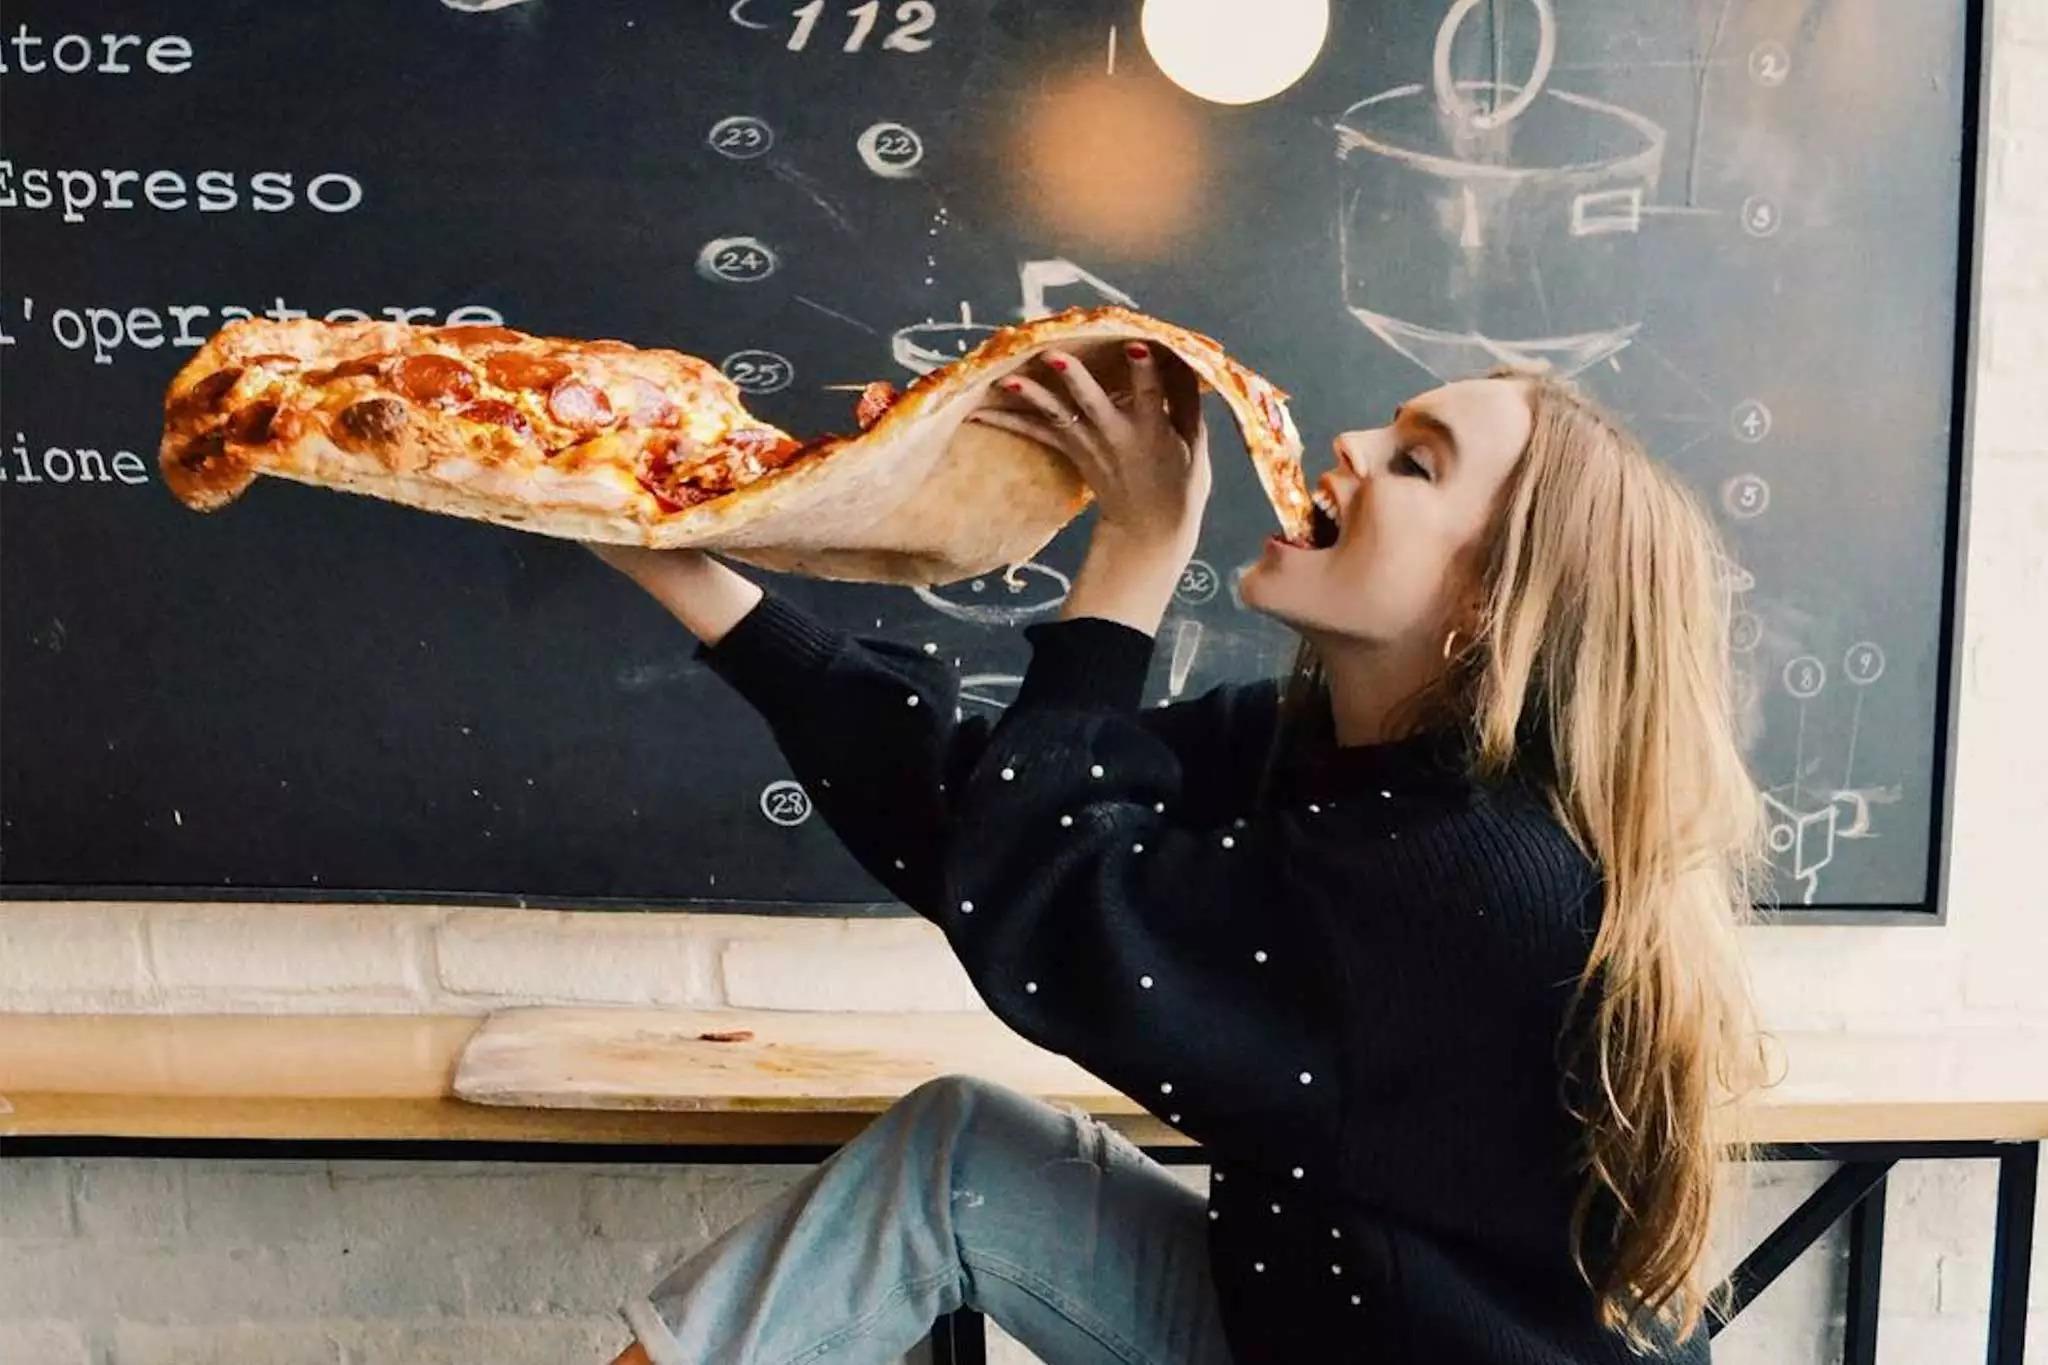 Miếng pizza dài hơn 60 cm